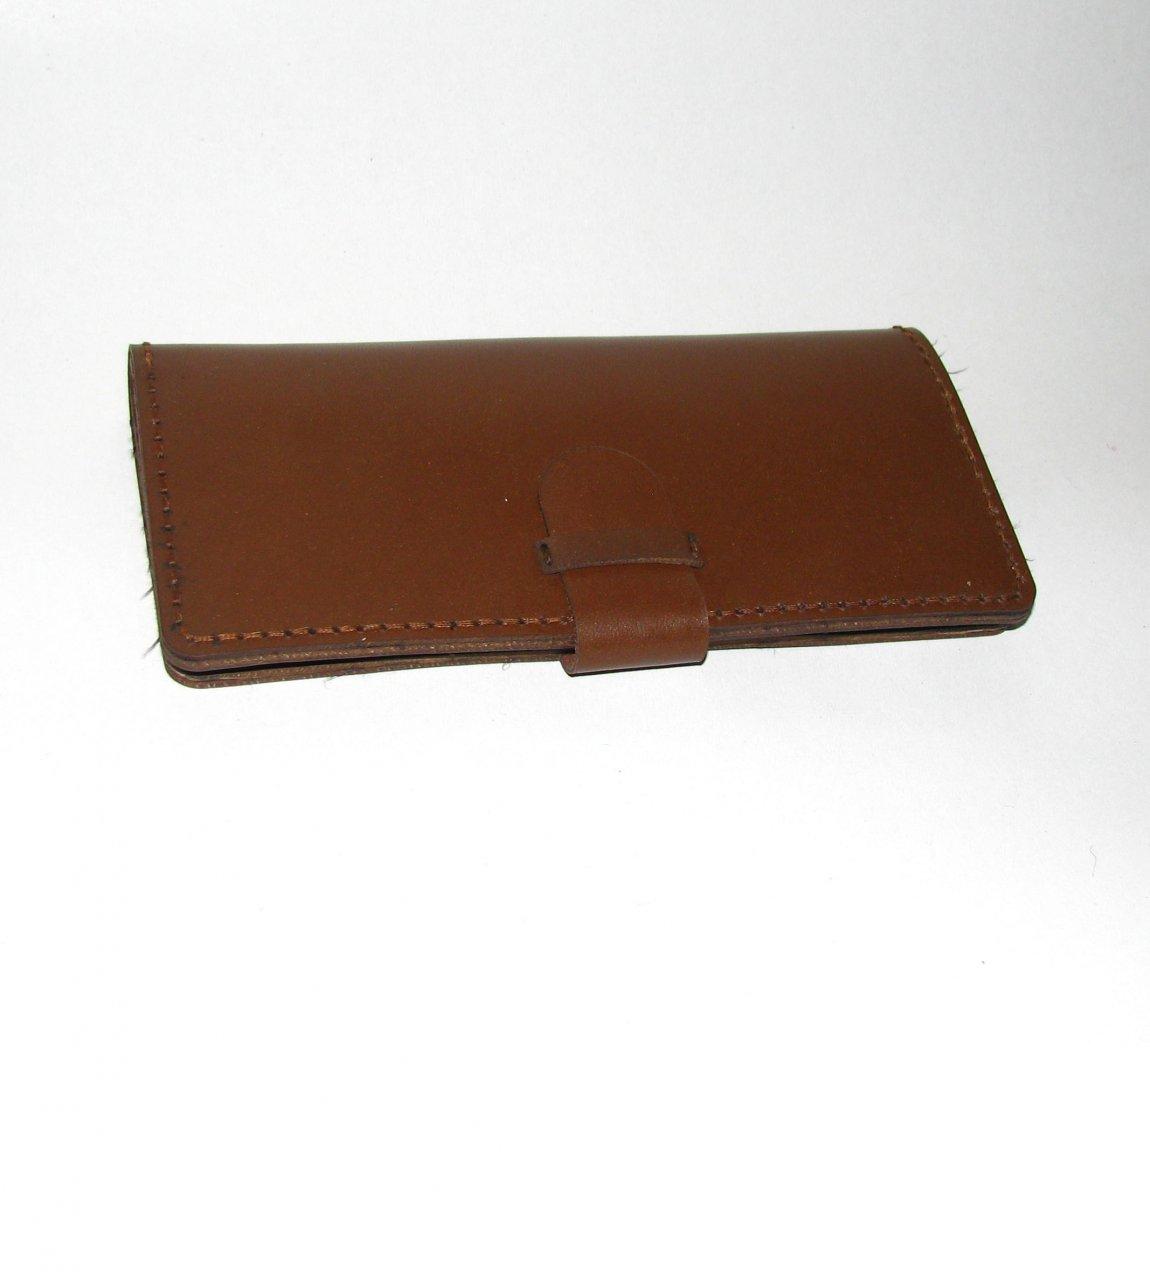 کیف پول کتی چرم طبیعی شتر رنگ شده